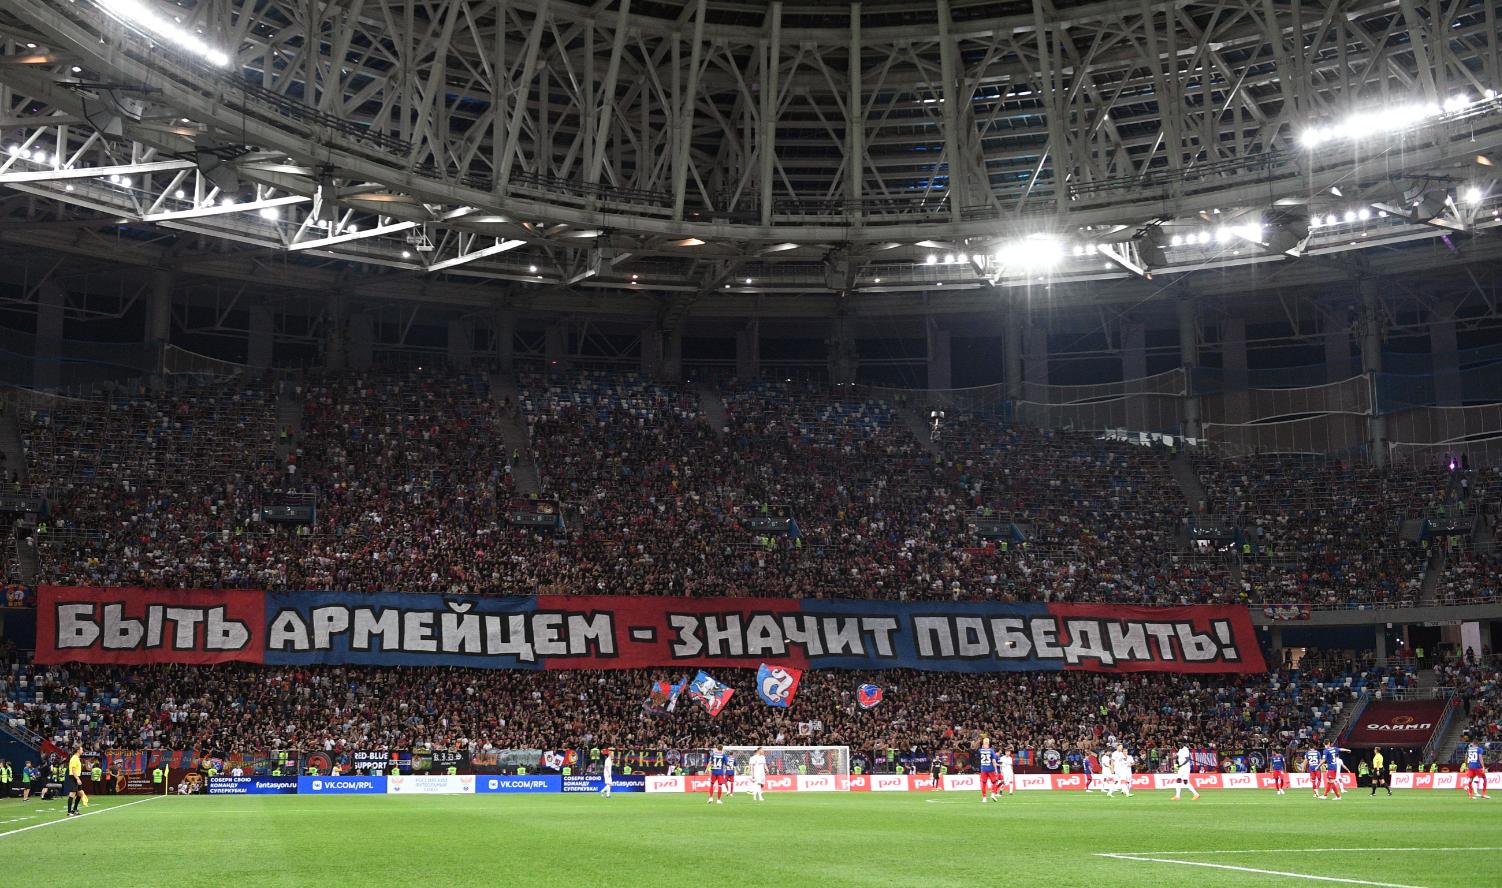 Фото: © РИА Новости / Александр Вильф